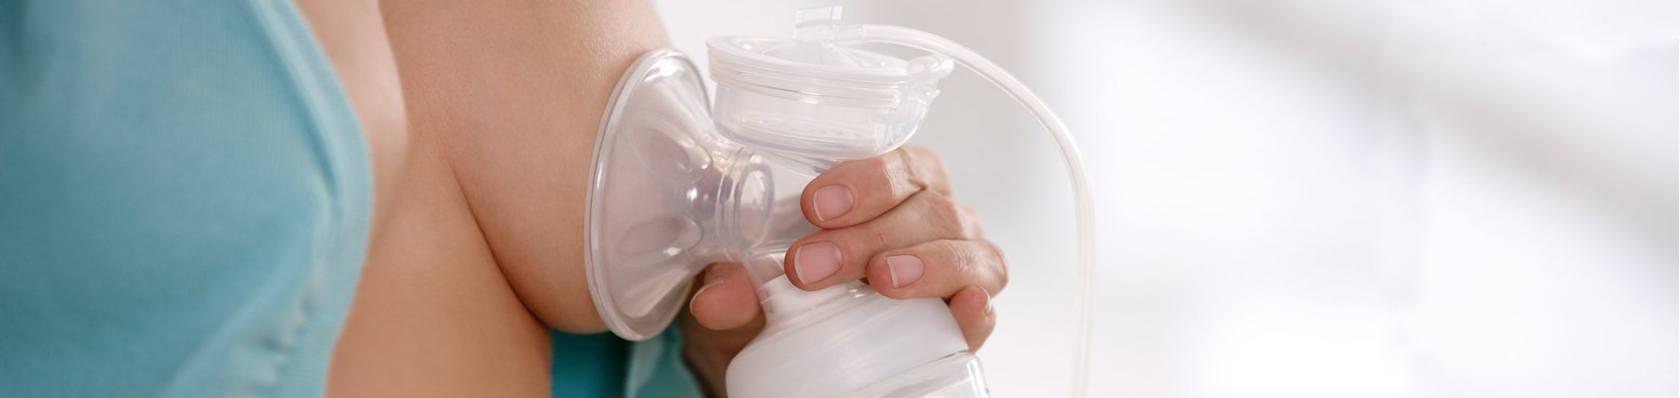 Milchpumpen im Test auf ExpertenTesten.de